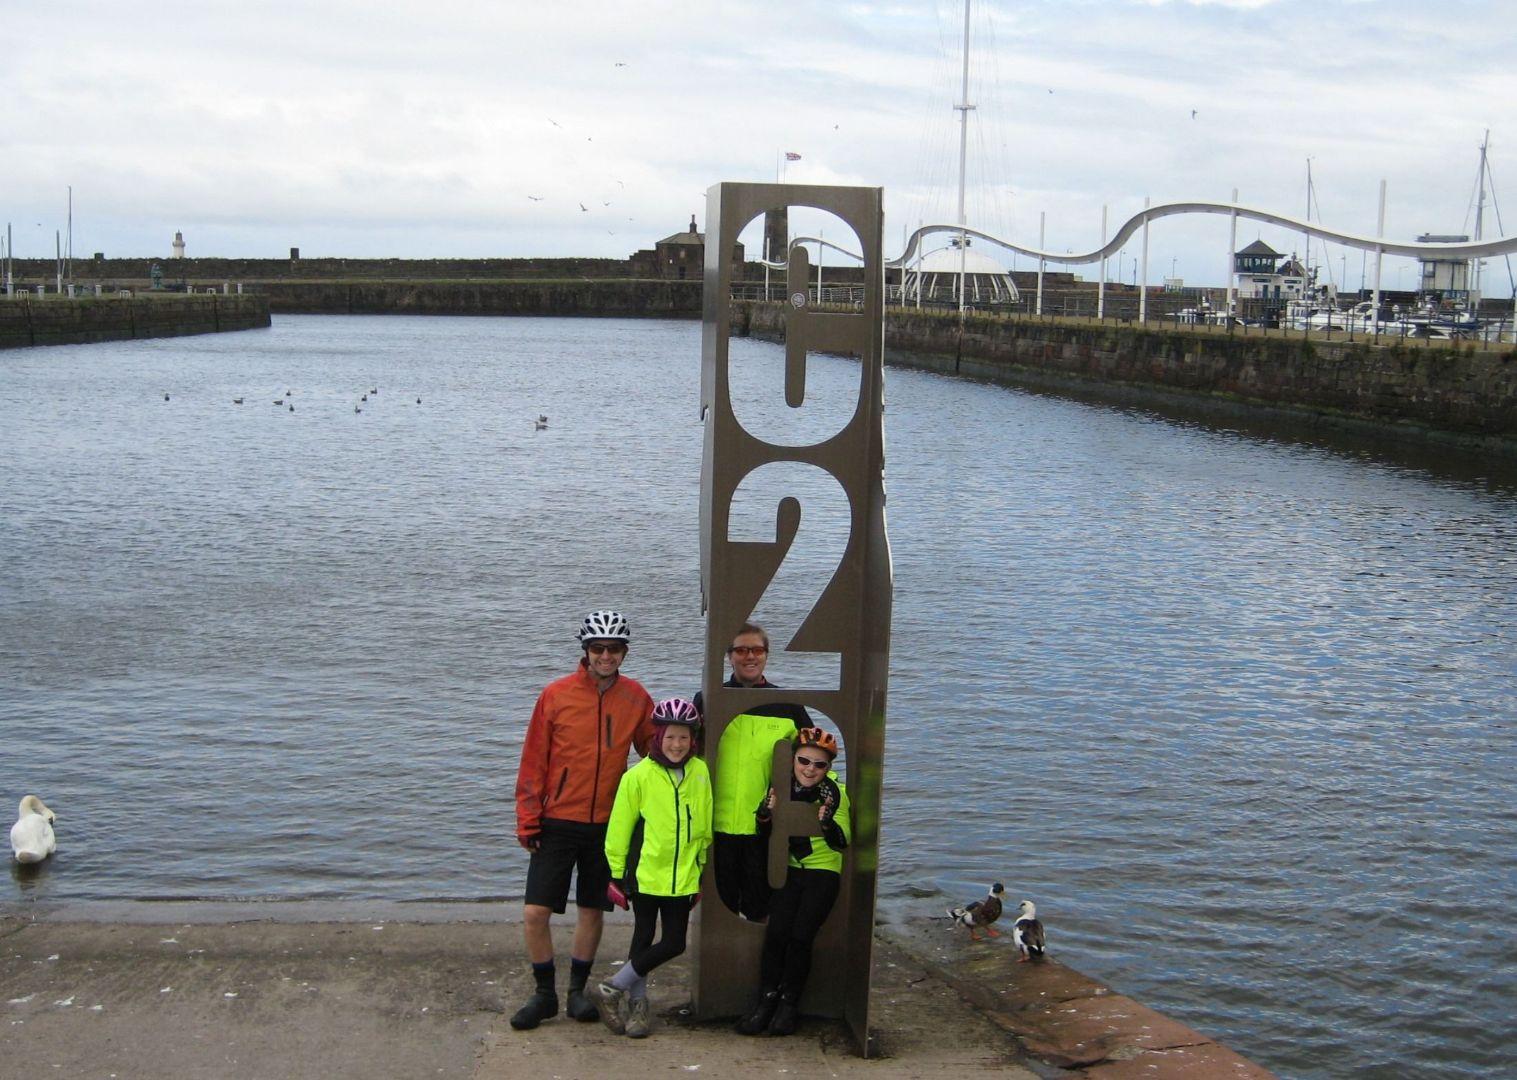 IMG_2746.jpg - UK - C2C - Coast to Coast 5 Days Cycling - Self-Guided Family Cycling Holiday - Family Cycling